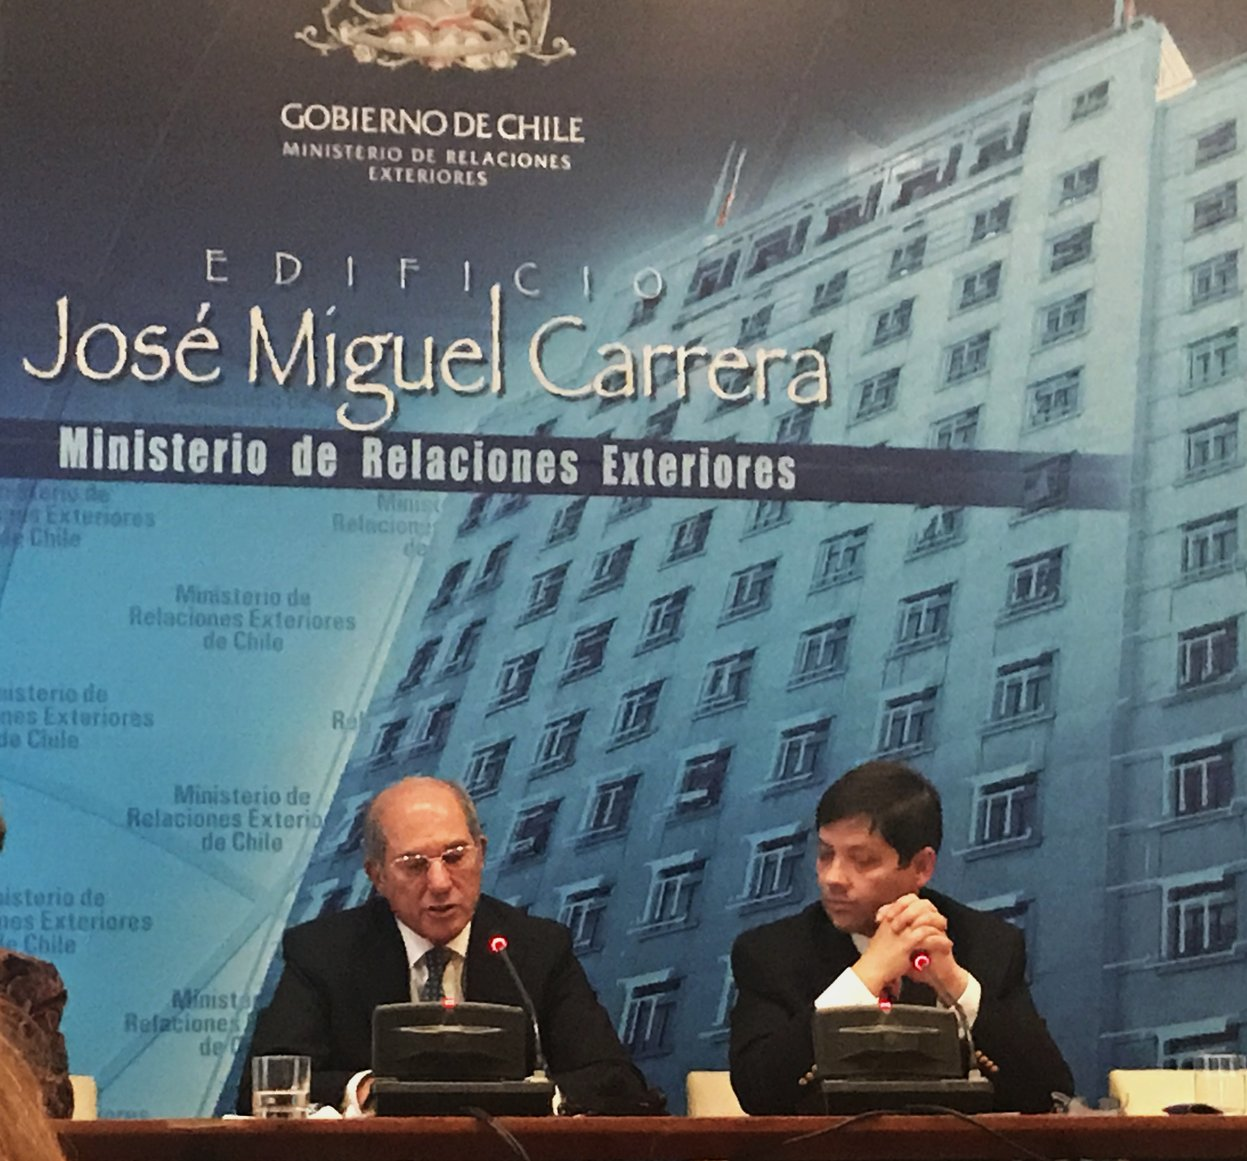 Decano de Ciencias Químicas participó en conferencia sobre prohibición de armas químicas